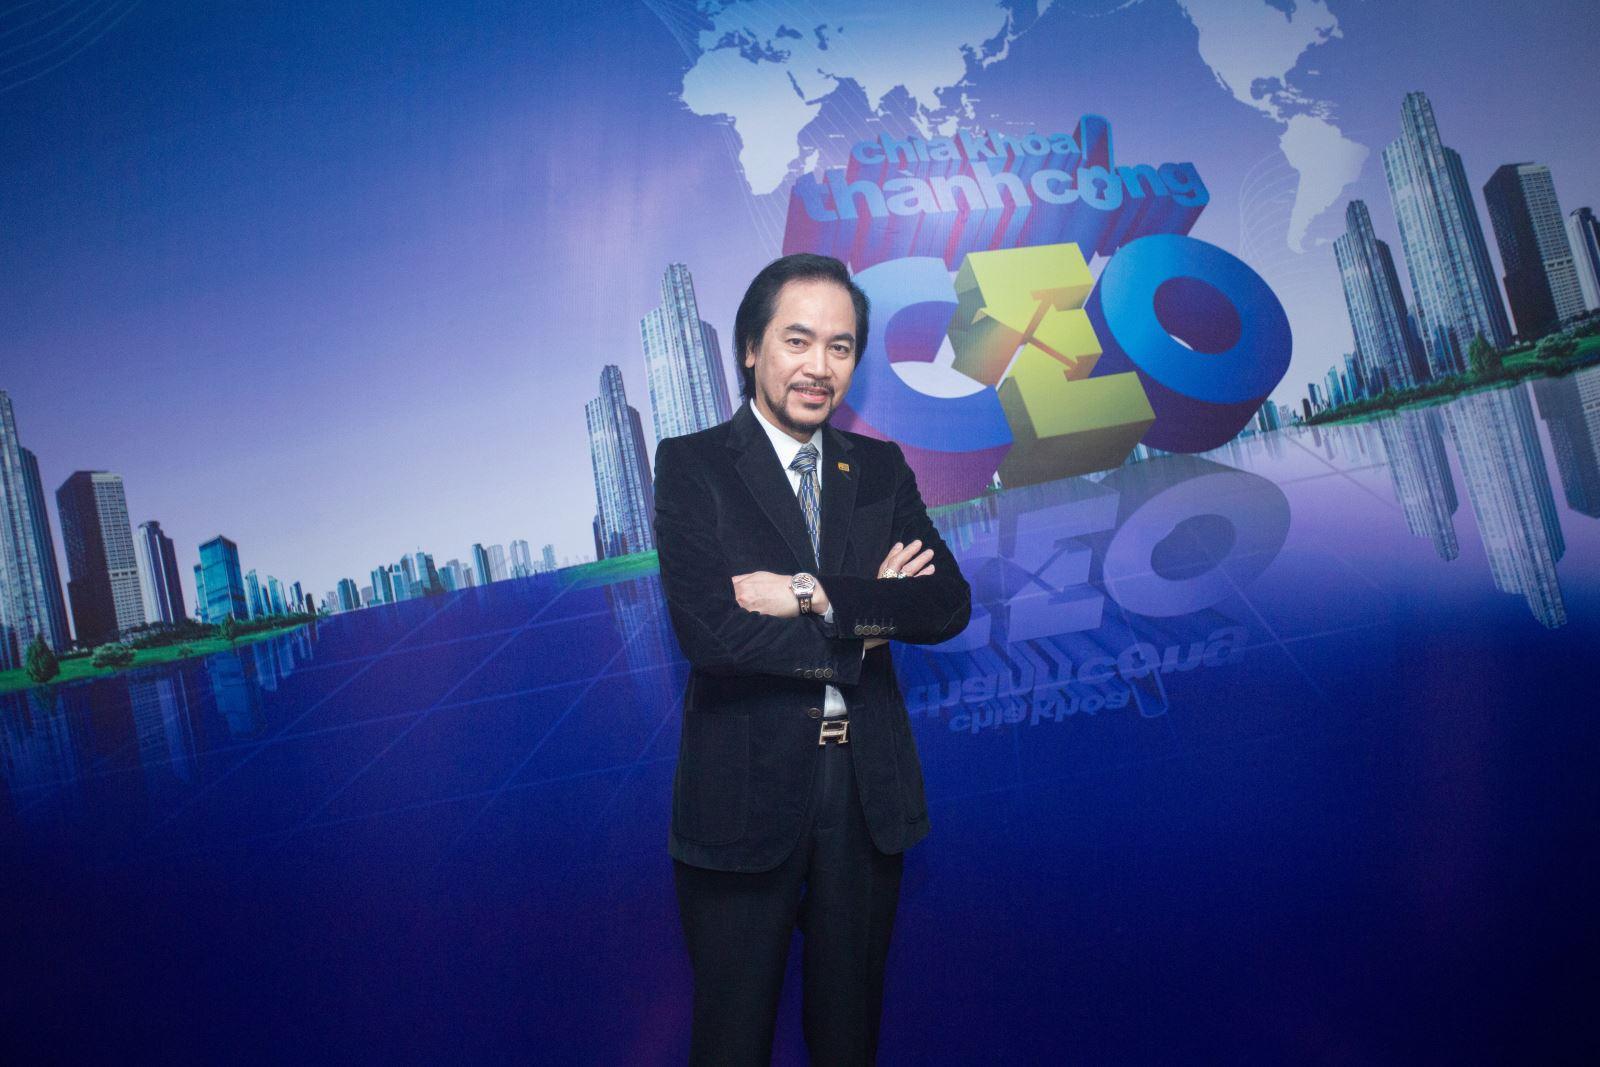 Số 24 'Chìa khóa thành công - Những câu chuyện thật của CEO': | baotintuc.vn